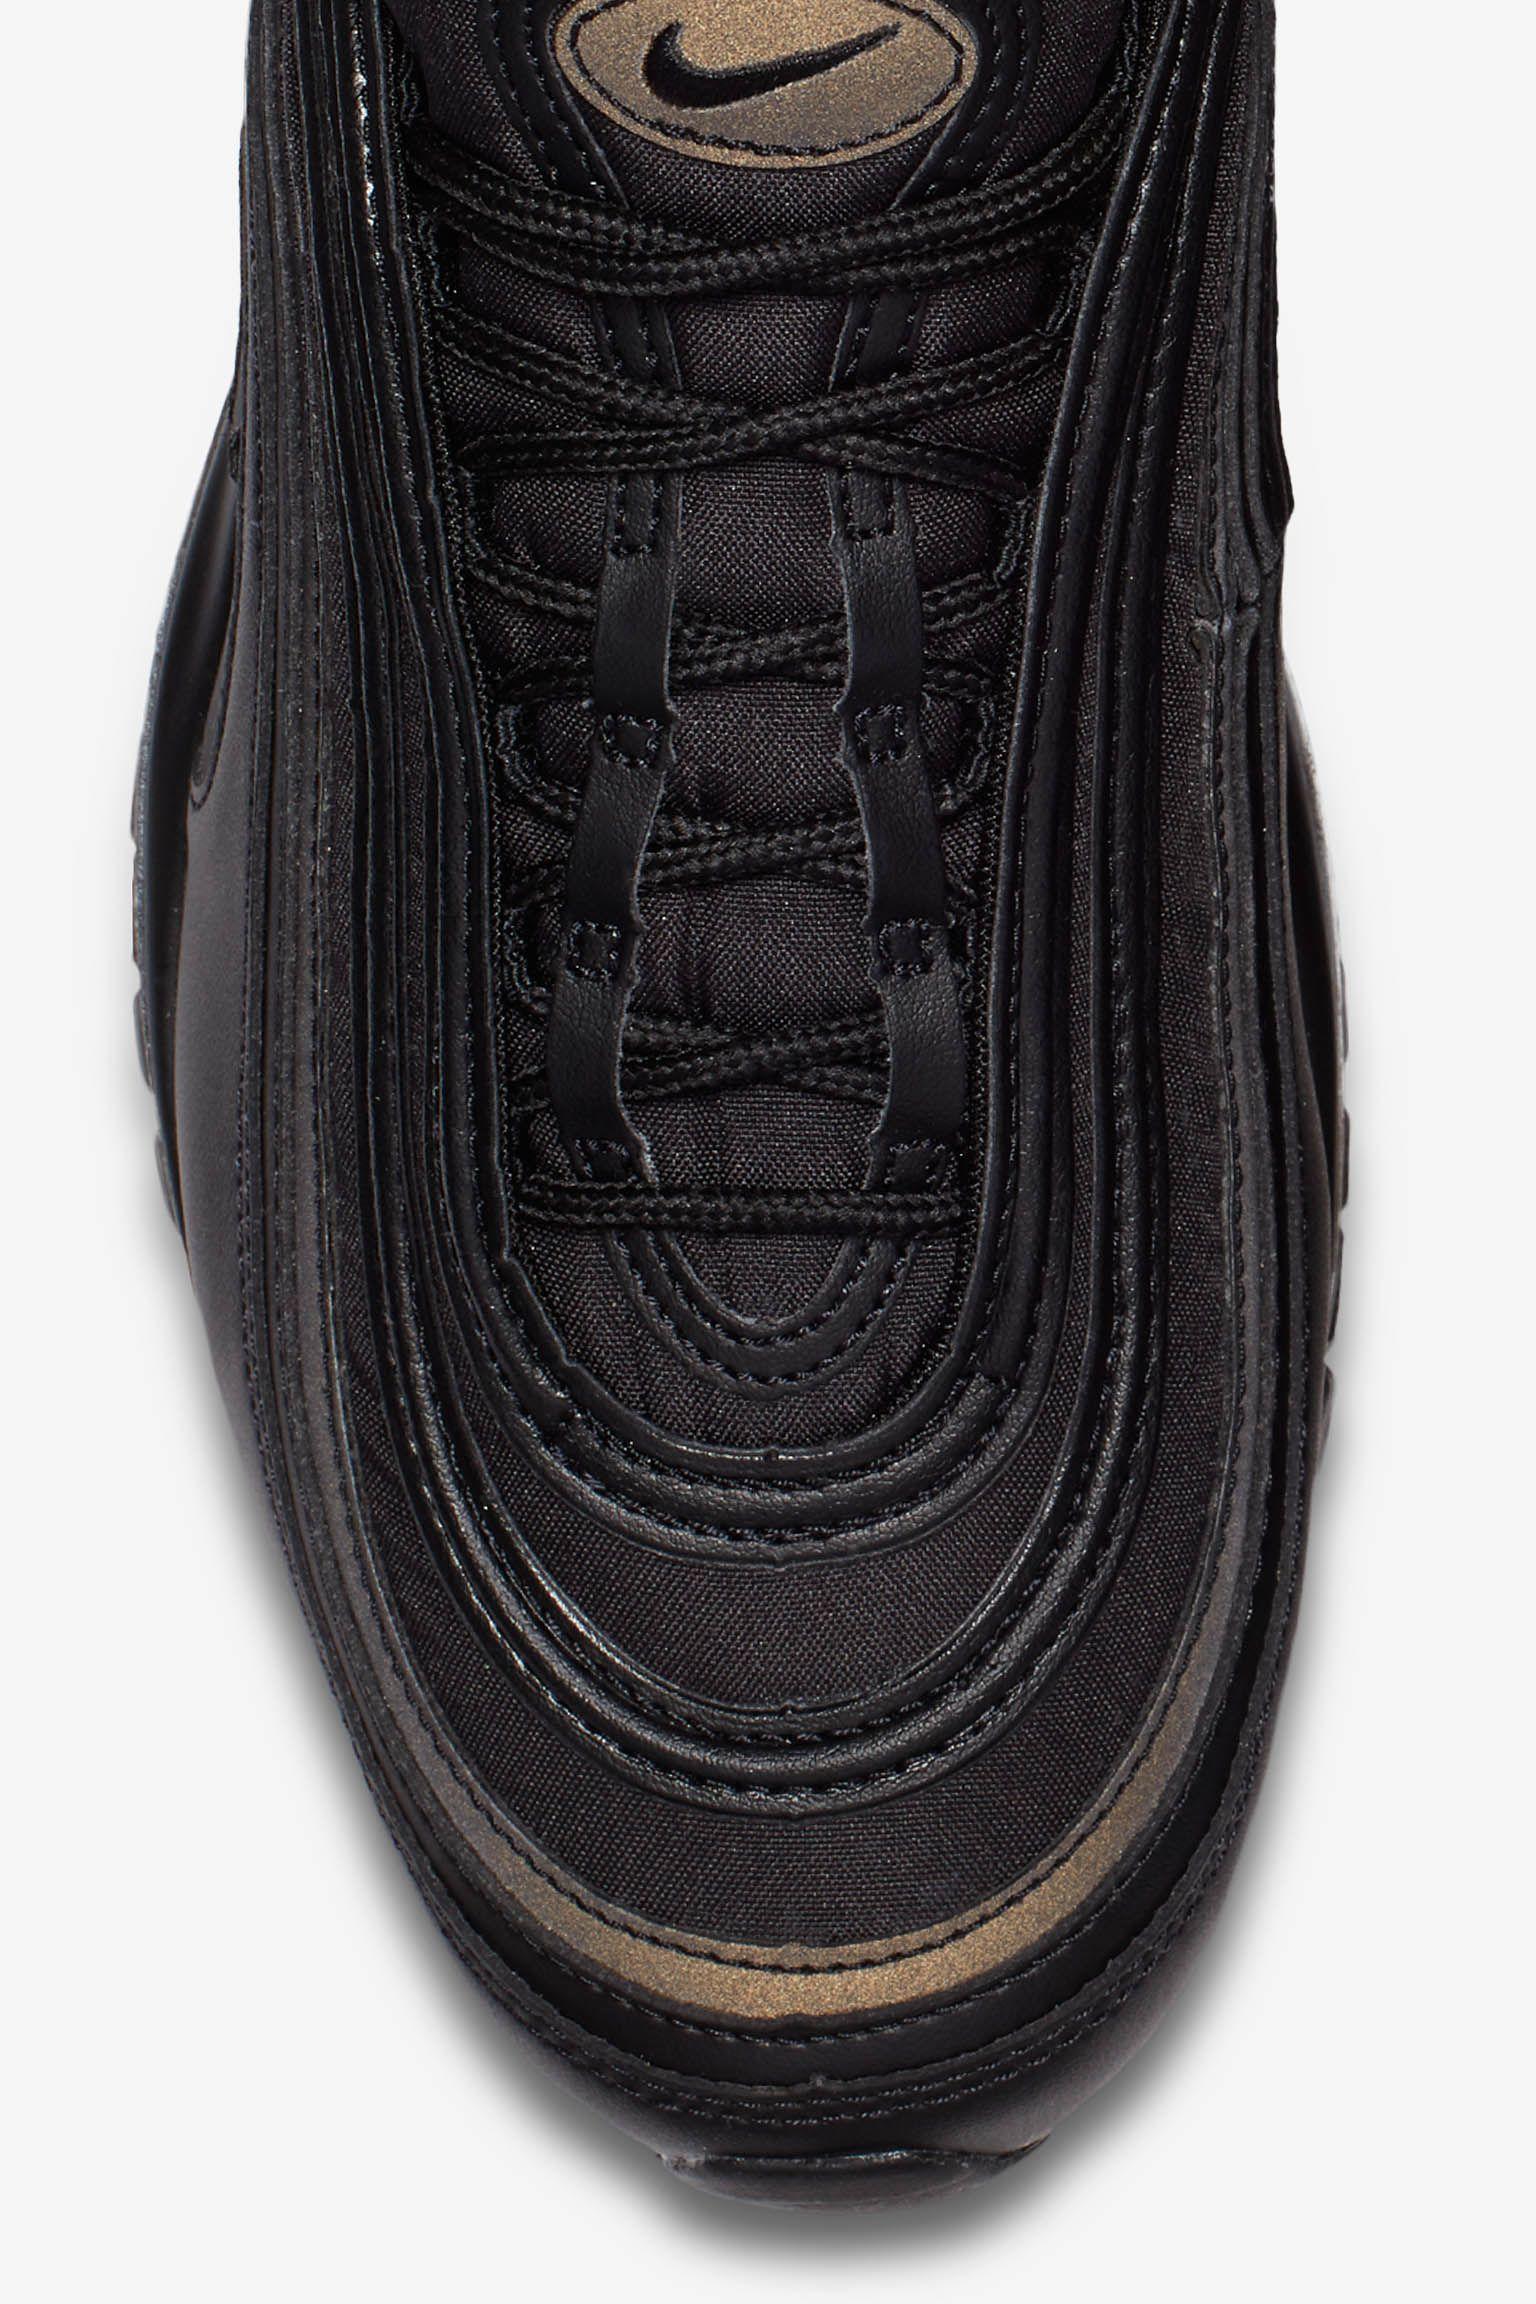 Nike Air Max 97 Premium SE